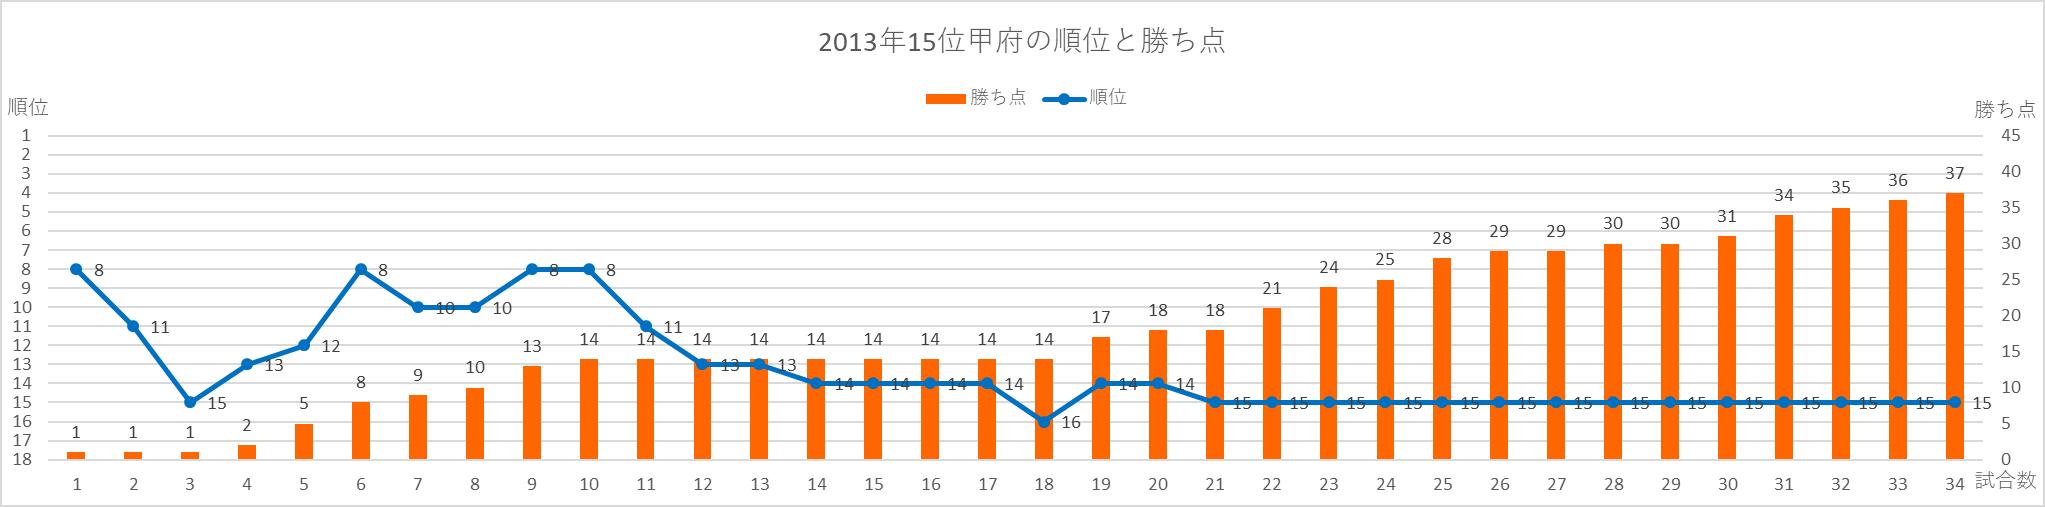 2013年甲府の順位と勝ち点の推移